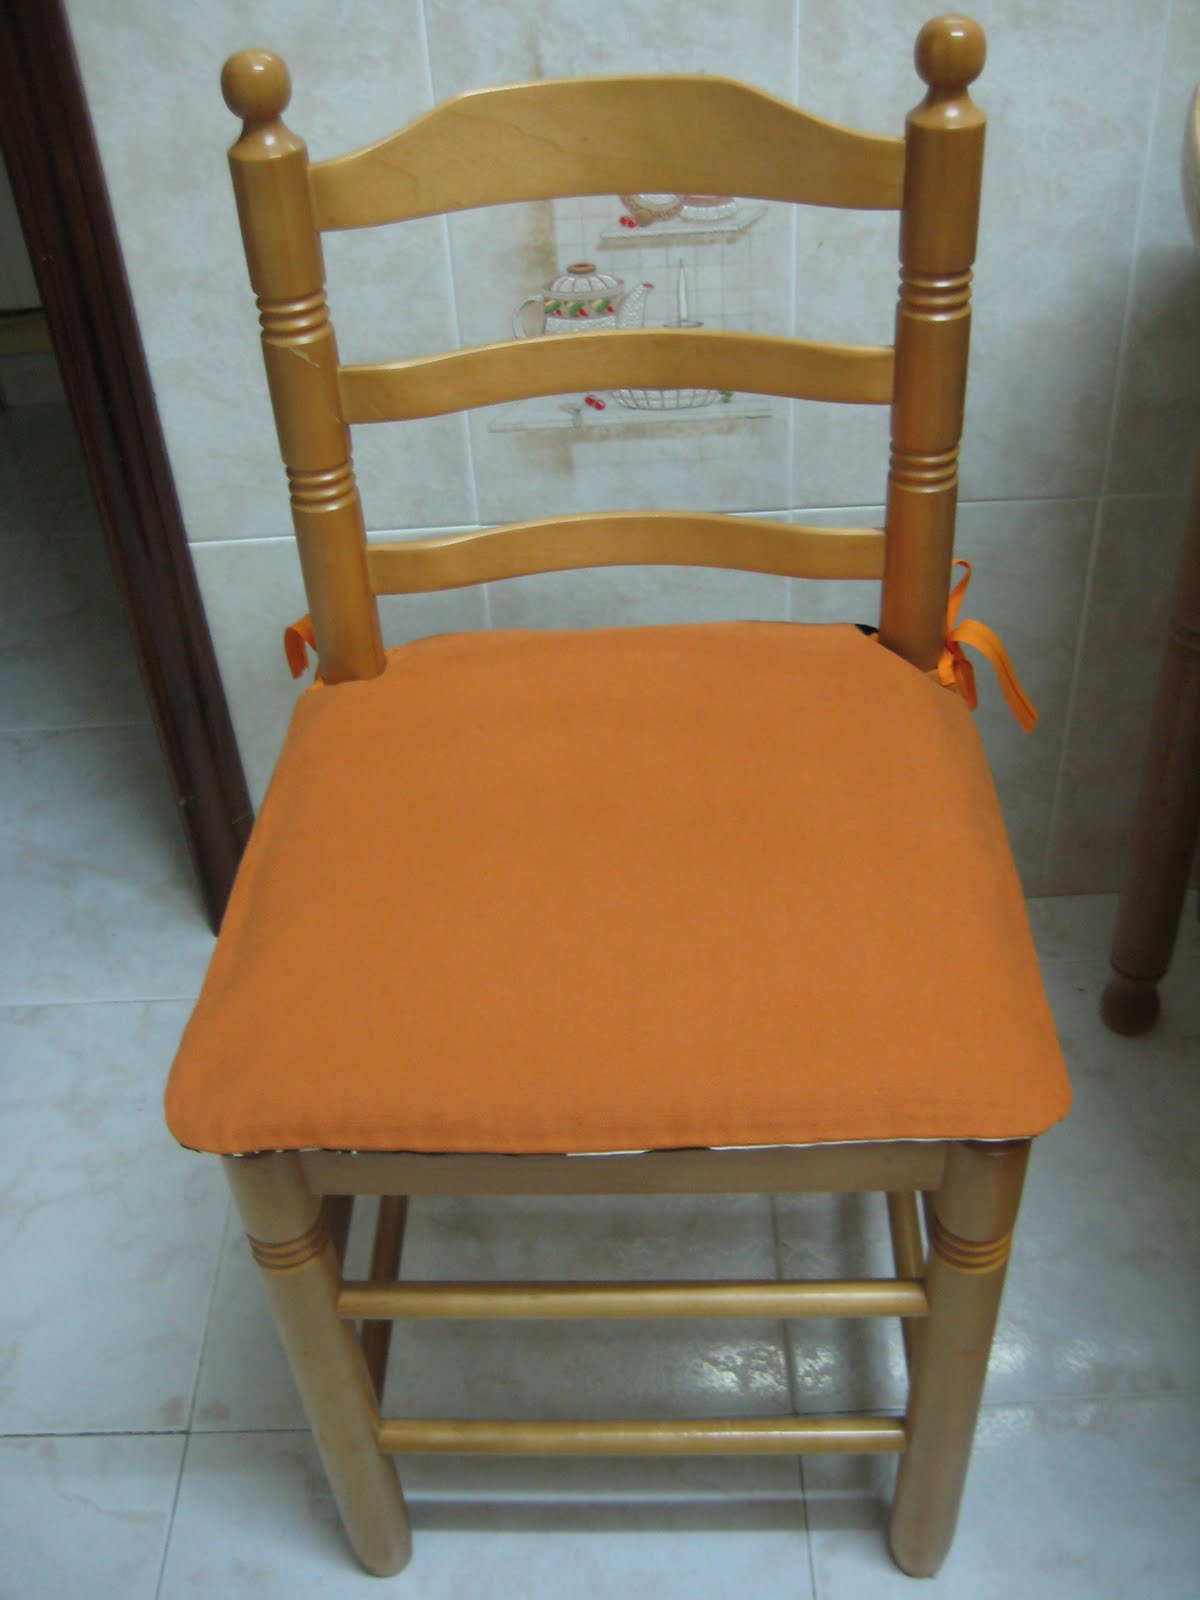 Flores y plantas cojines para la sillas de la cocina - Cojines sillas cocina ...